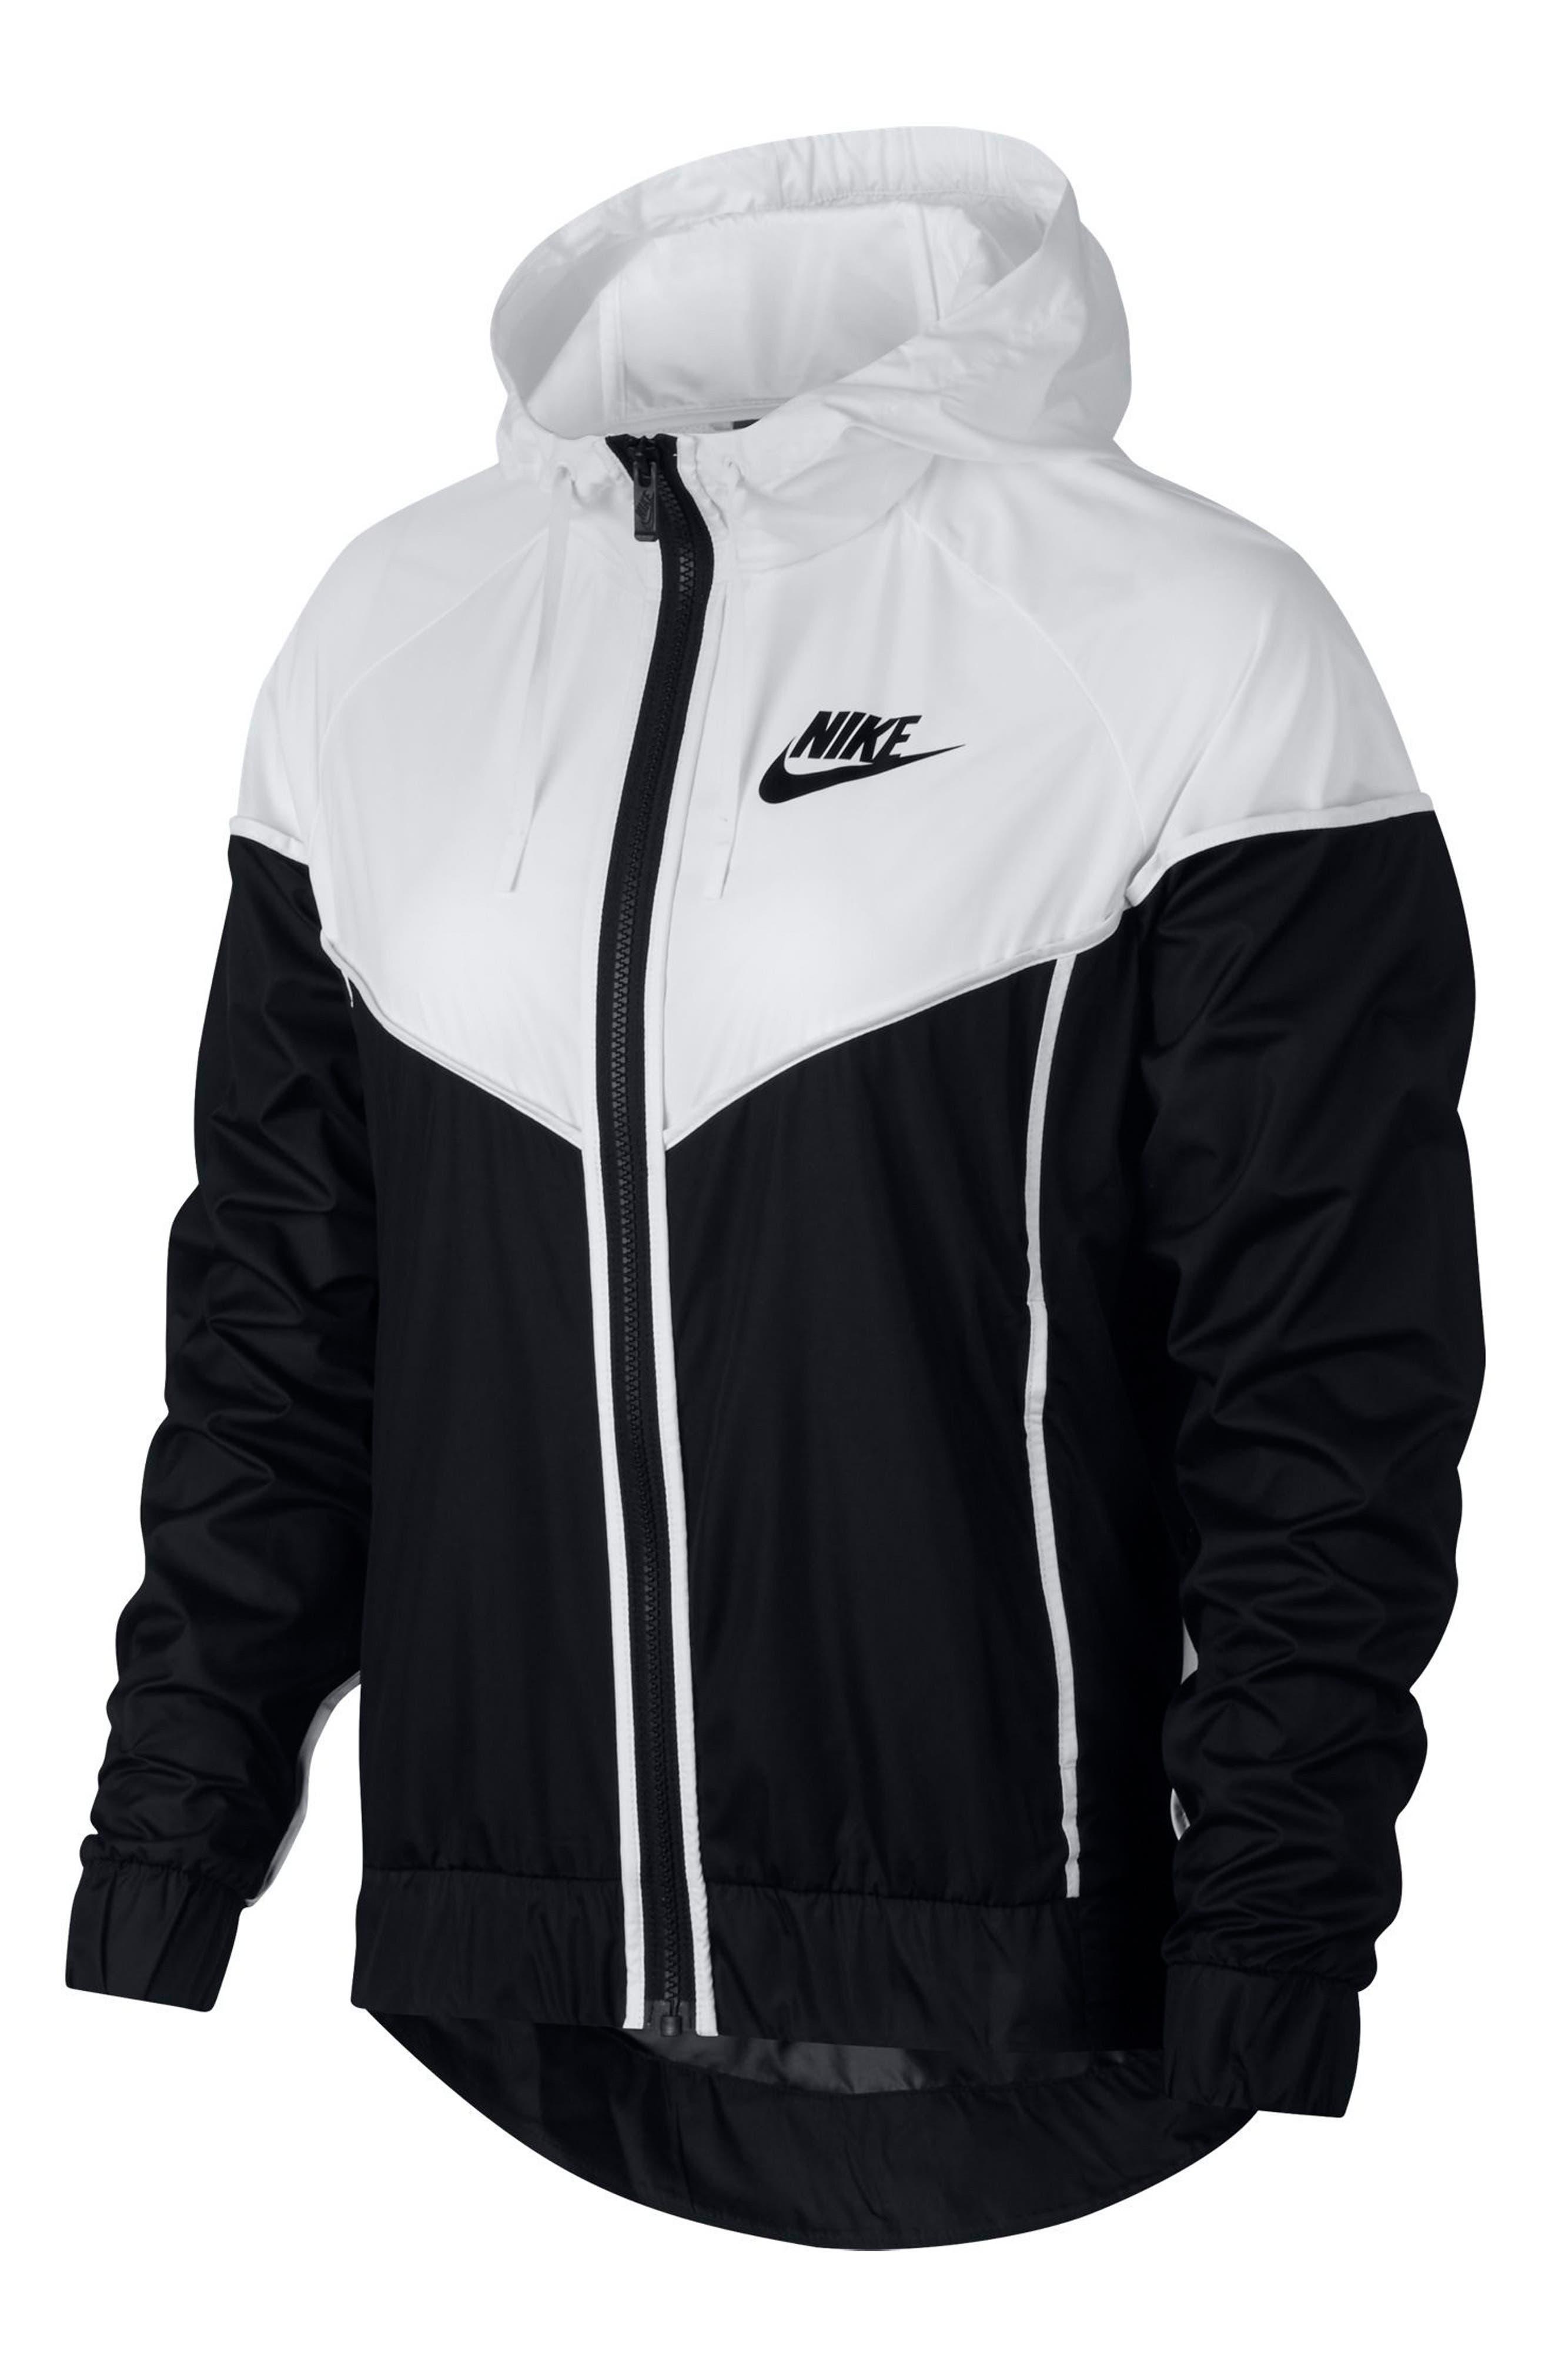 Sportswear Windrunner Jacket,                             Main thumbnail 1, color,                             Black/ White/ Black